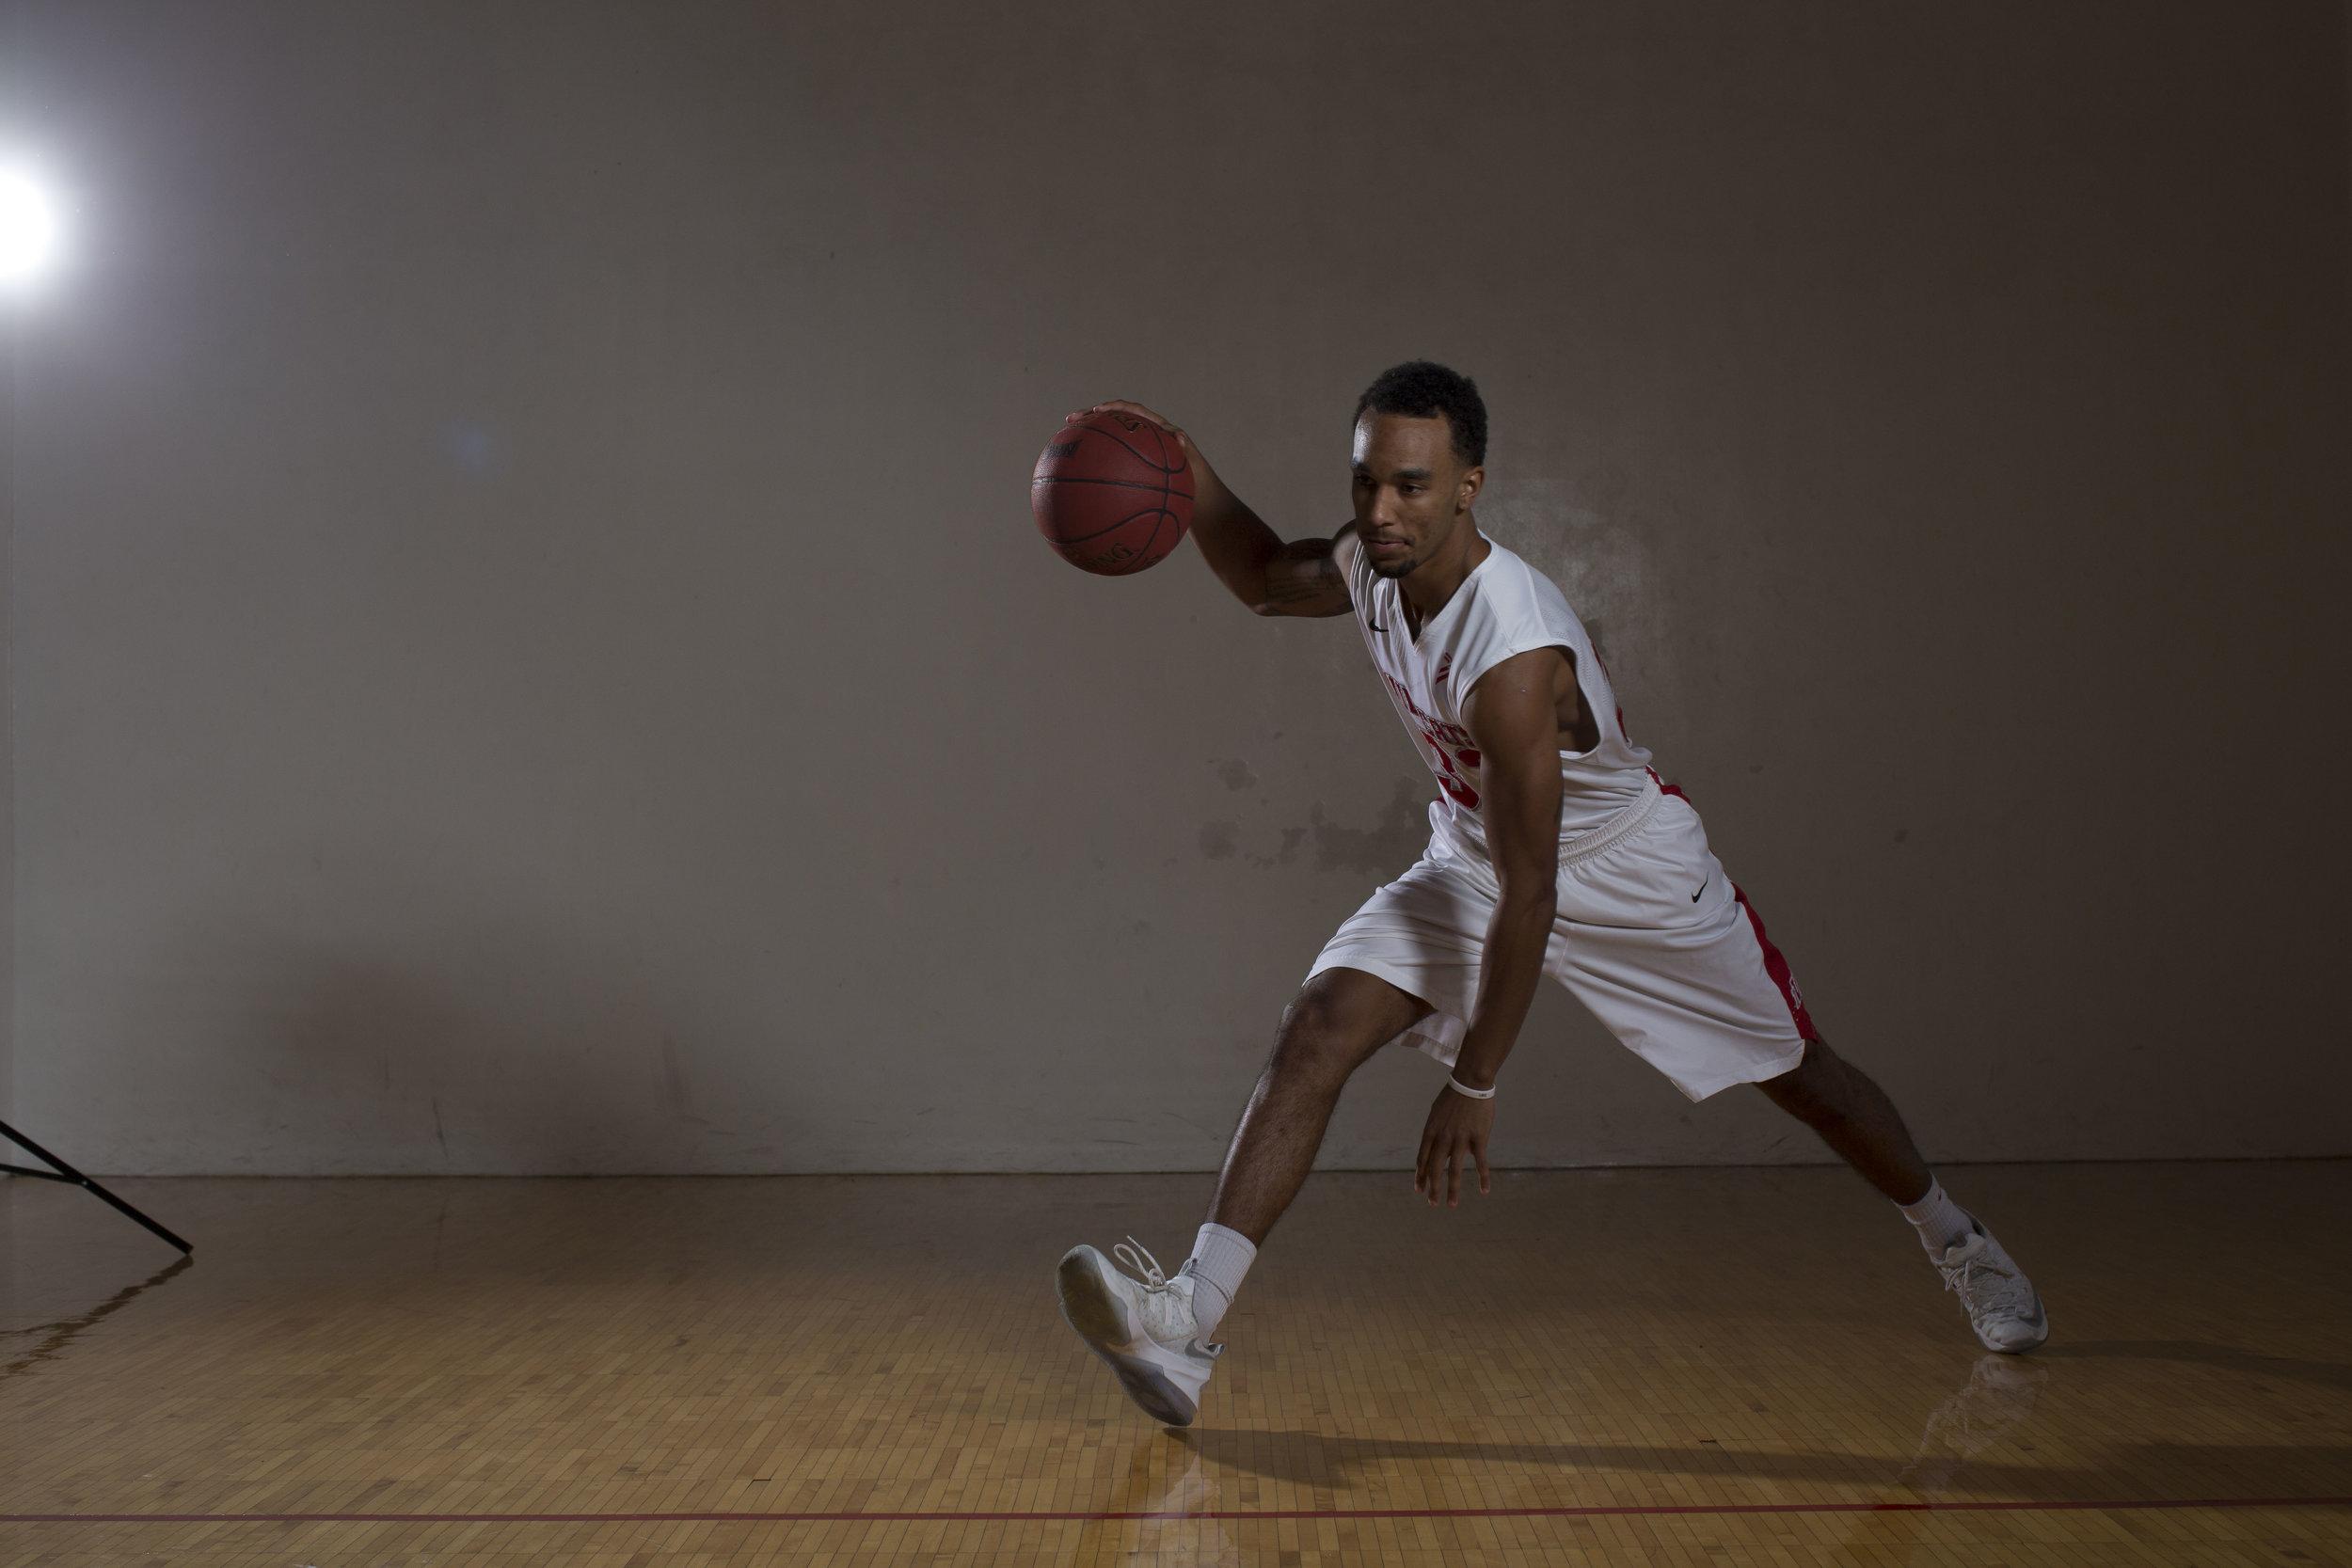 Men's Basketball_197.jpg